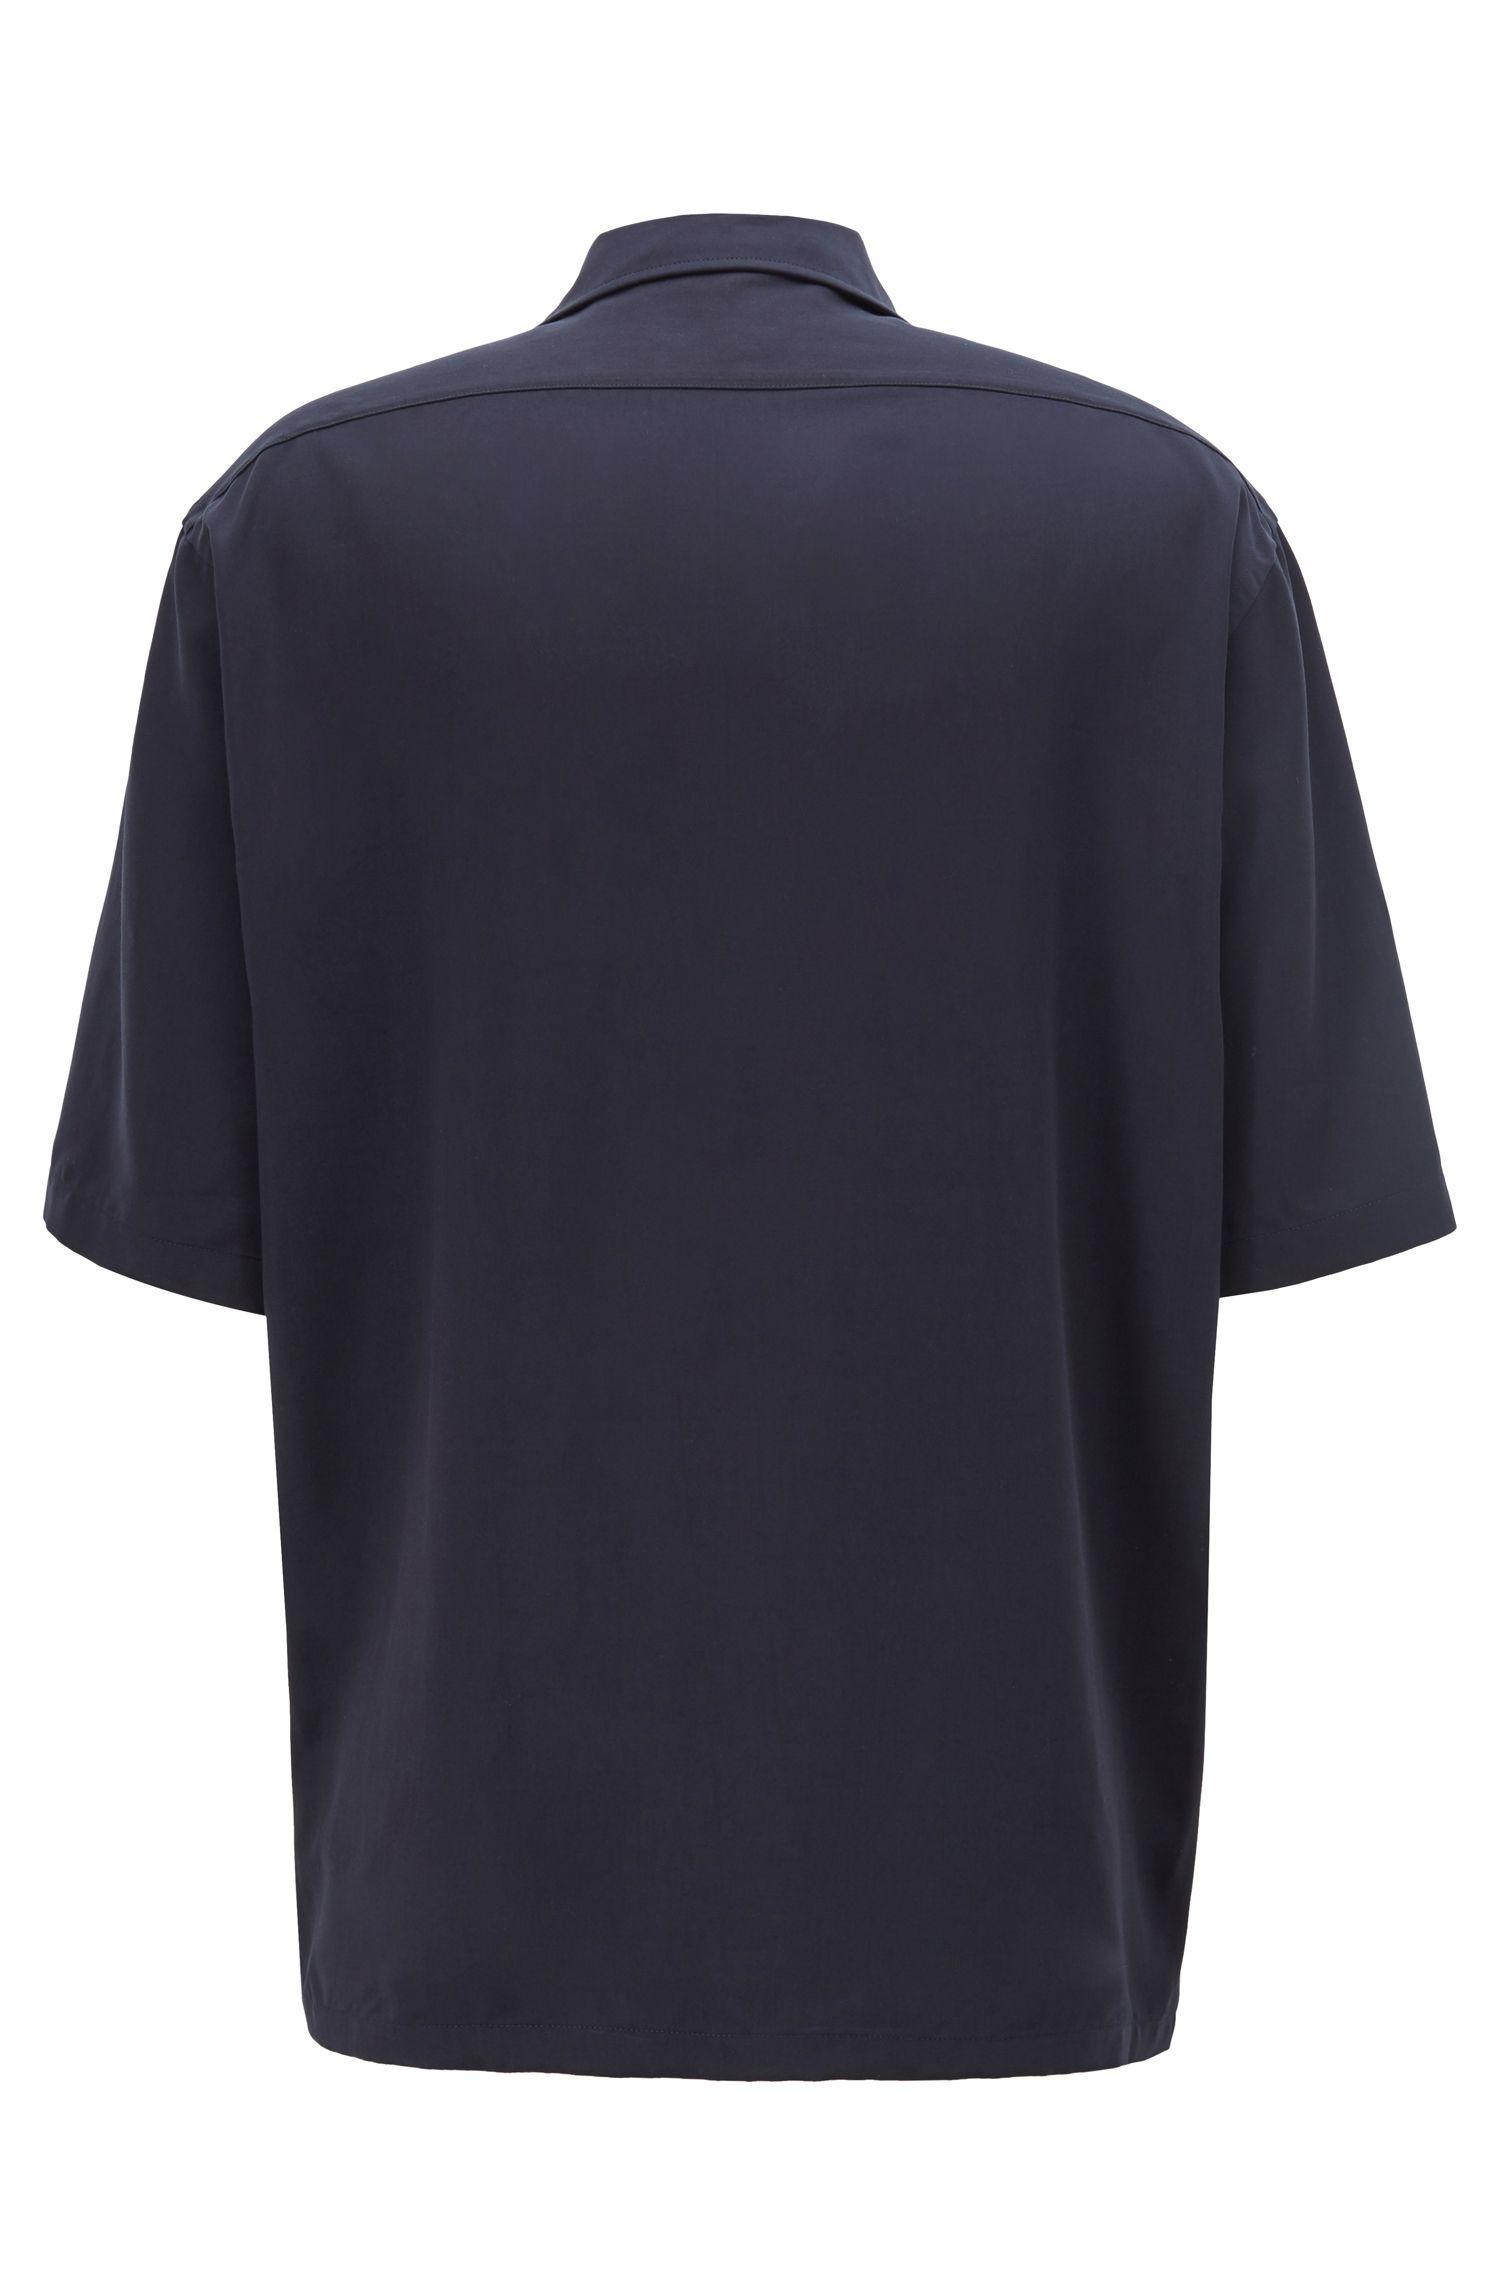 Camisa de manga corta Fashion Show con tres bolsillos cosidos, Azul oscuro